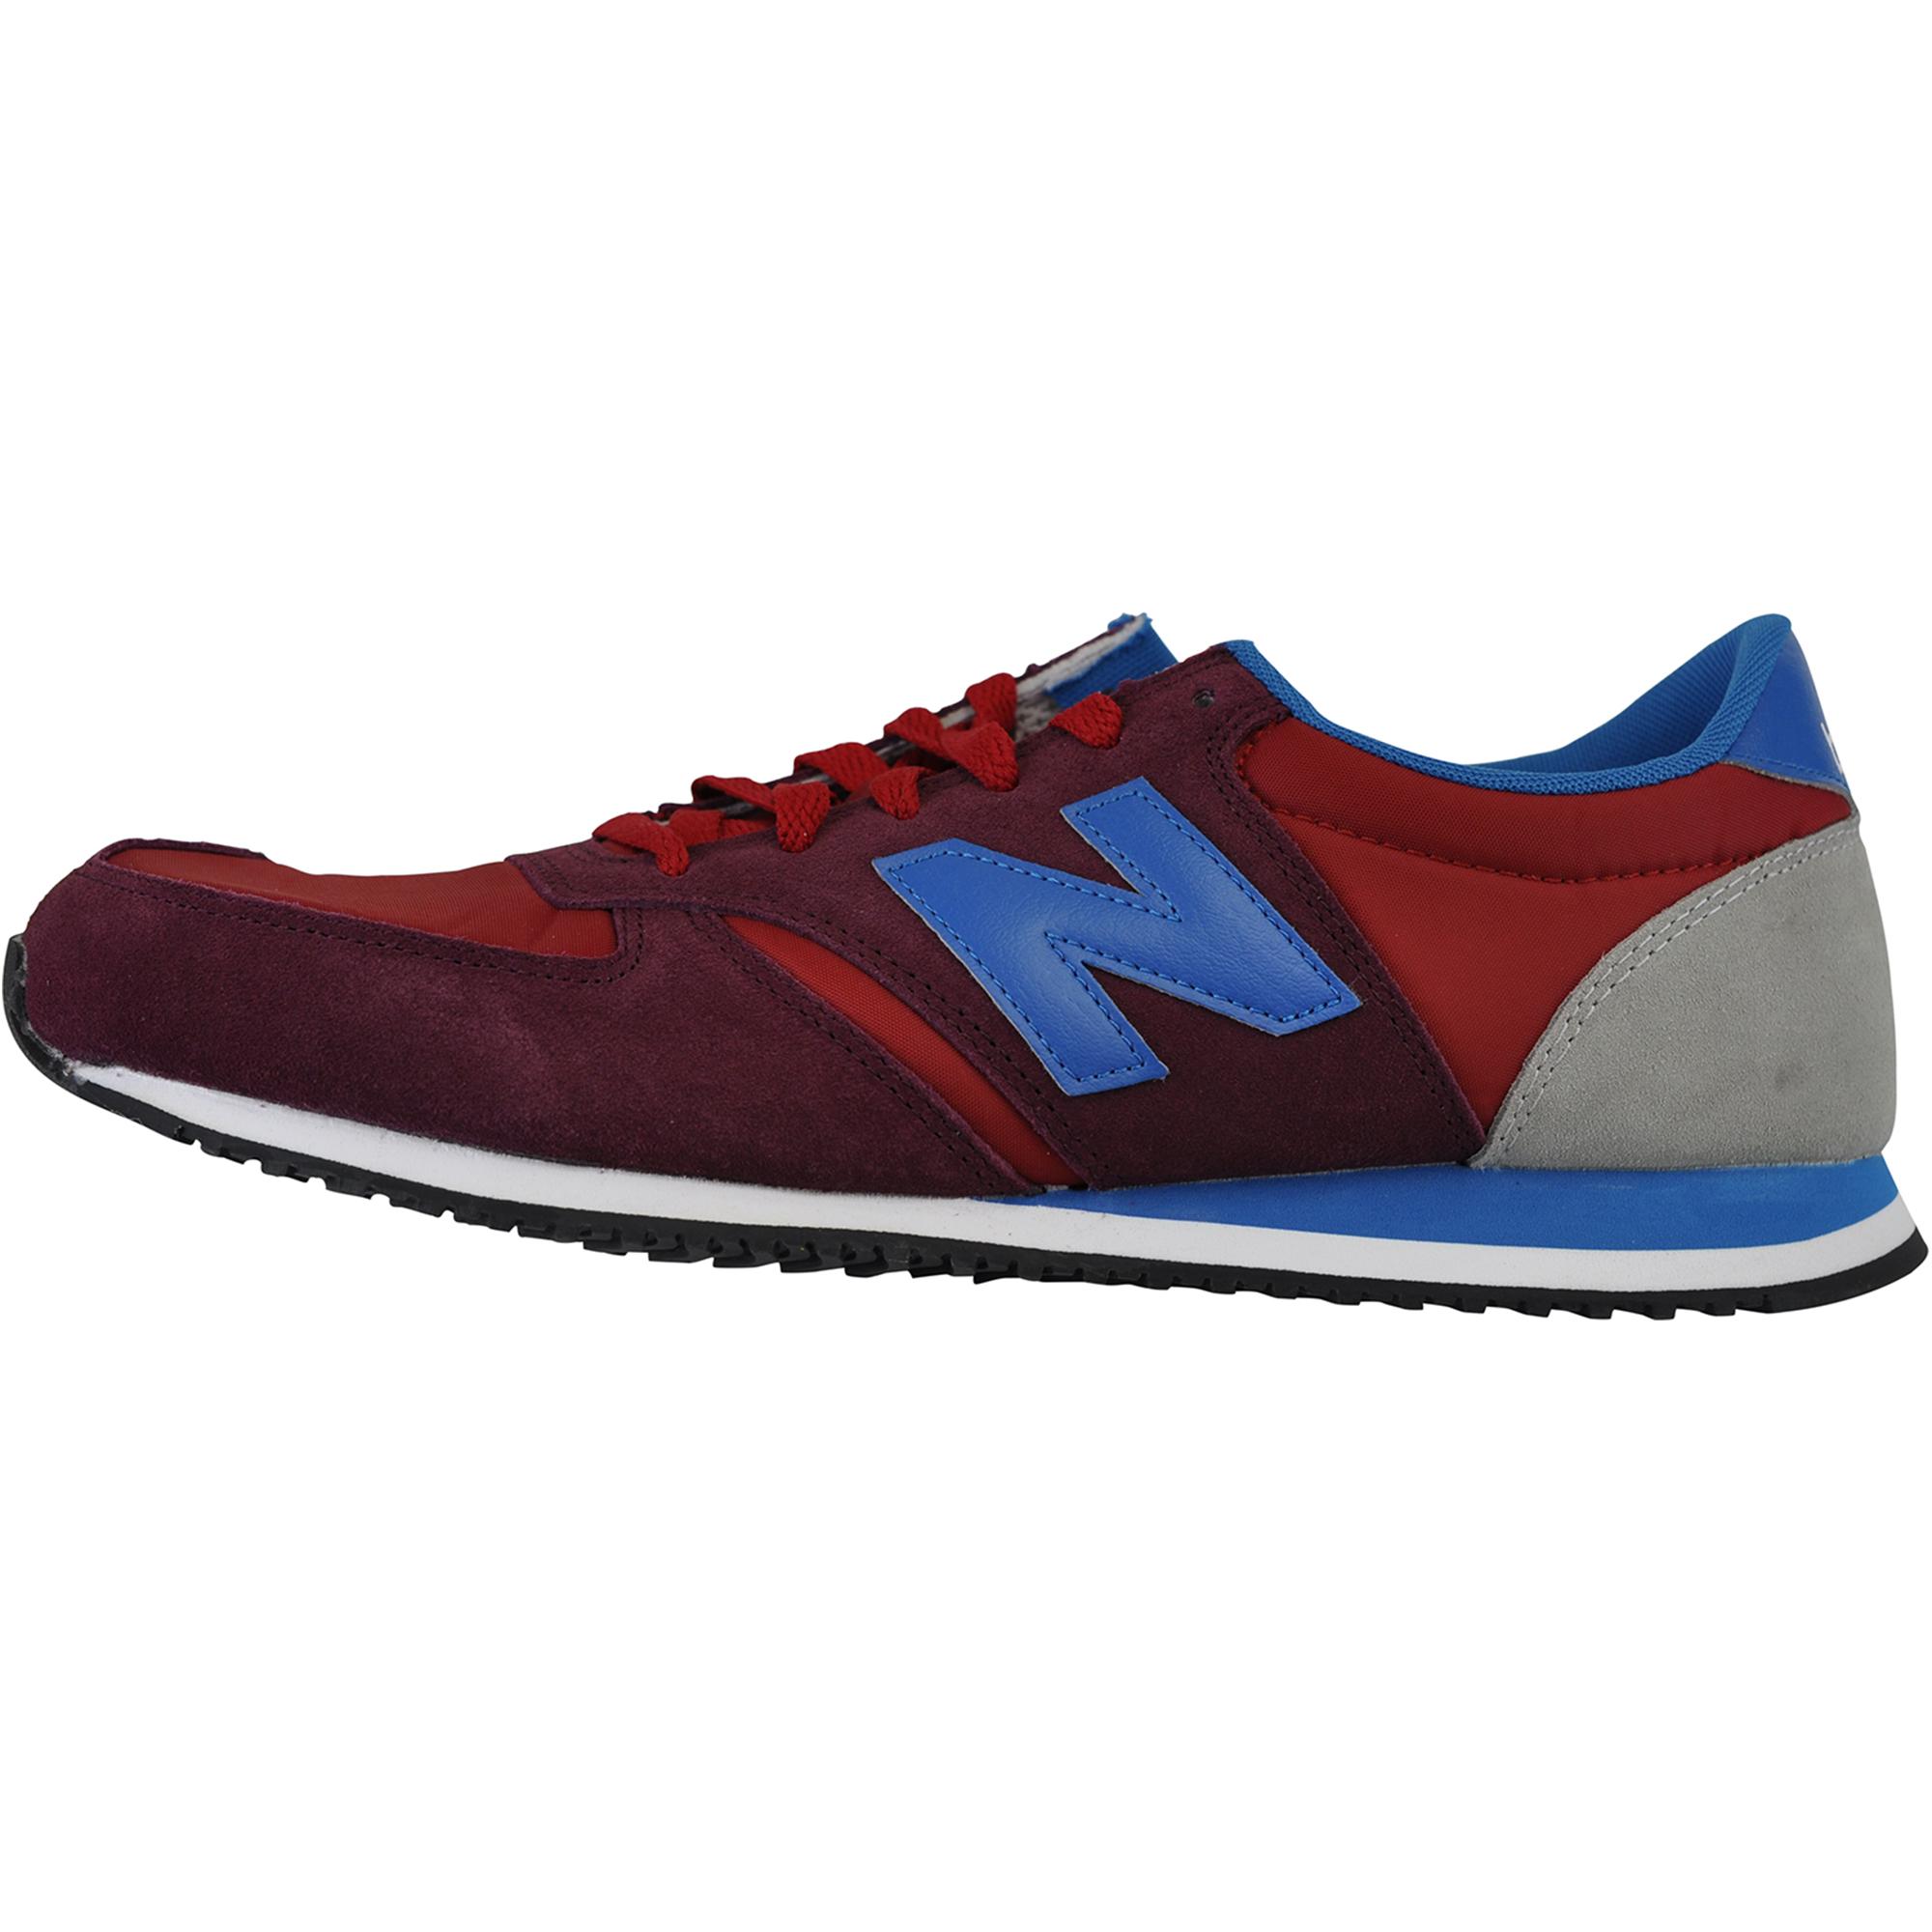 New Balance Sneakers für Damen und Herren ab 38,95€, z.B. U 420 Bordeaux für 44,95€ statt 64,99€ [Amazon Buy VIP]